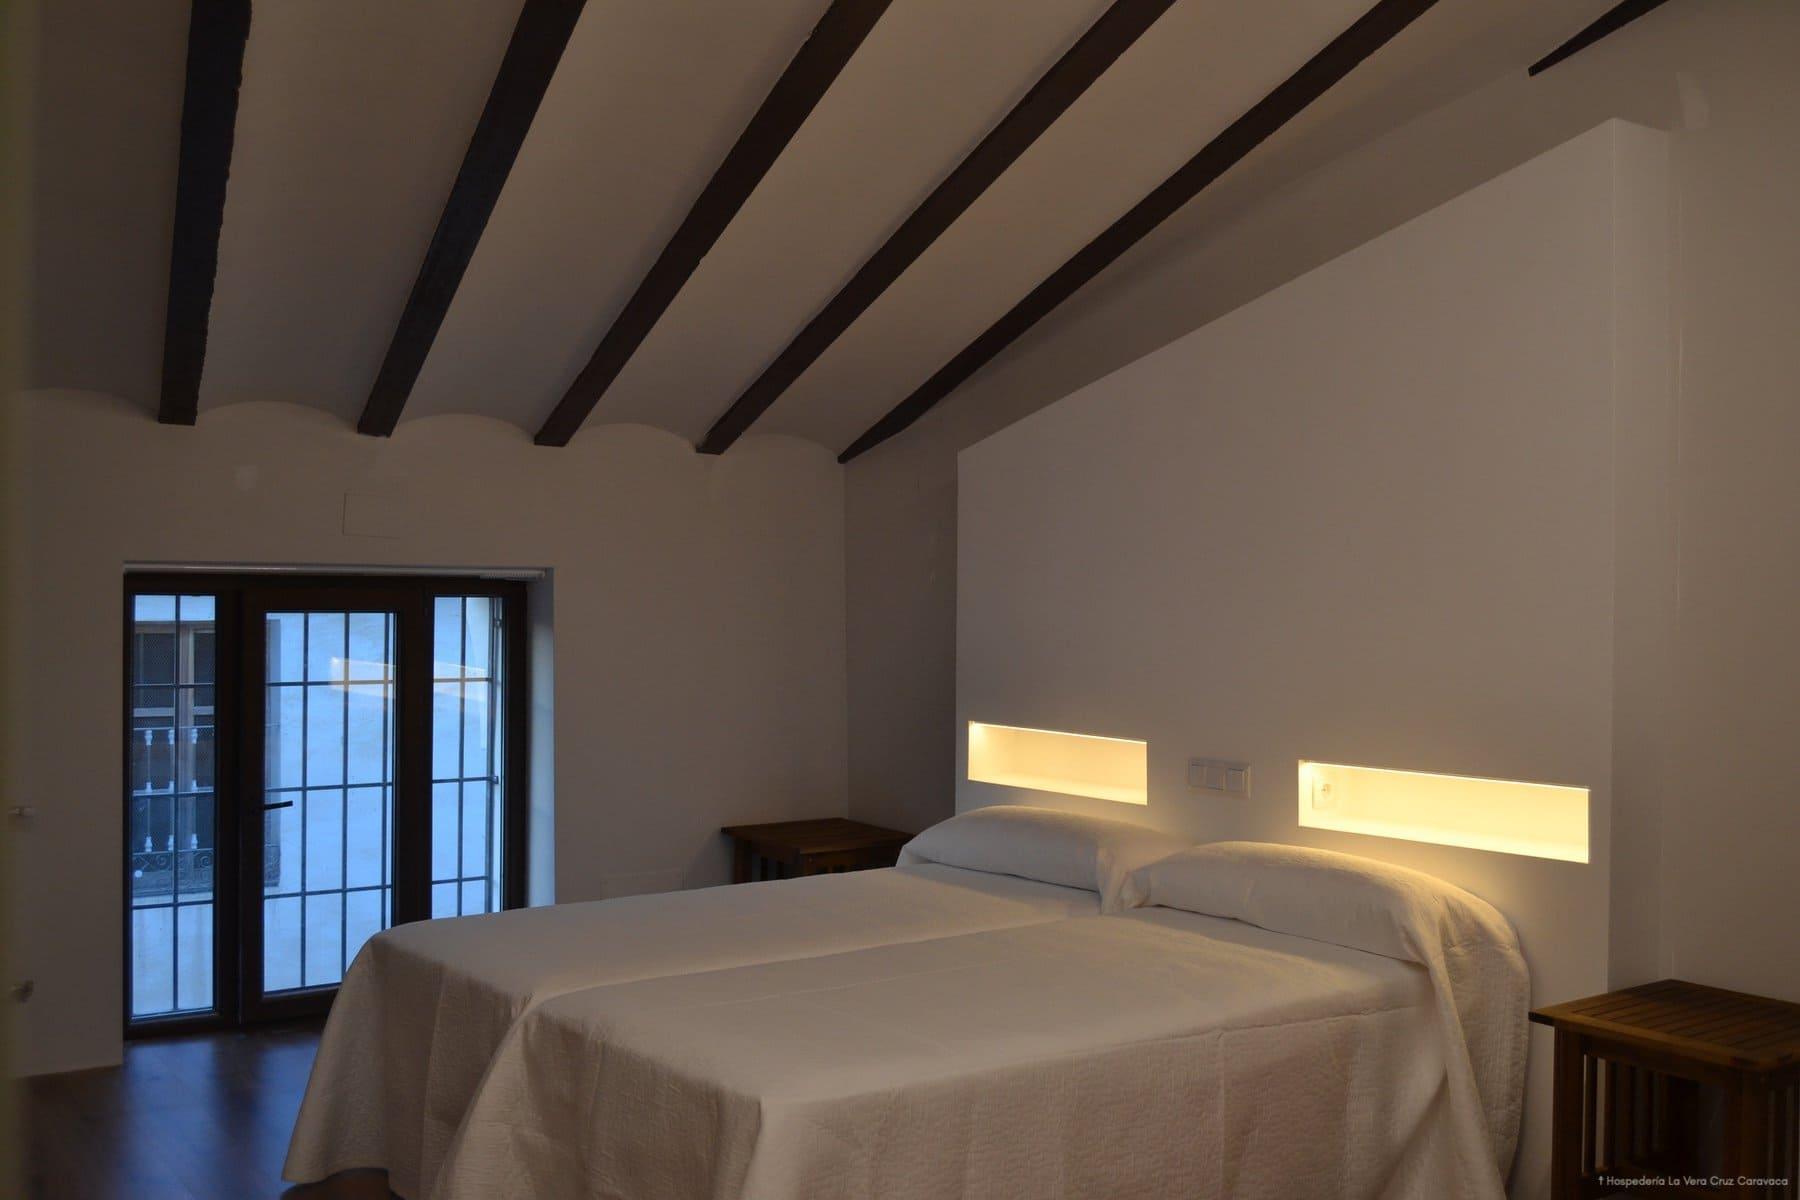 """hospederia-vera-cruz-caravaca-murcia4 Hotel Hospedería """"La Vera Cruz"""" de Caravaca"""